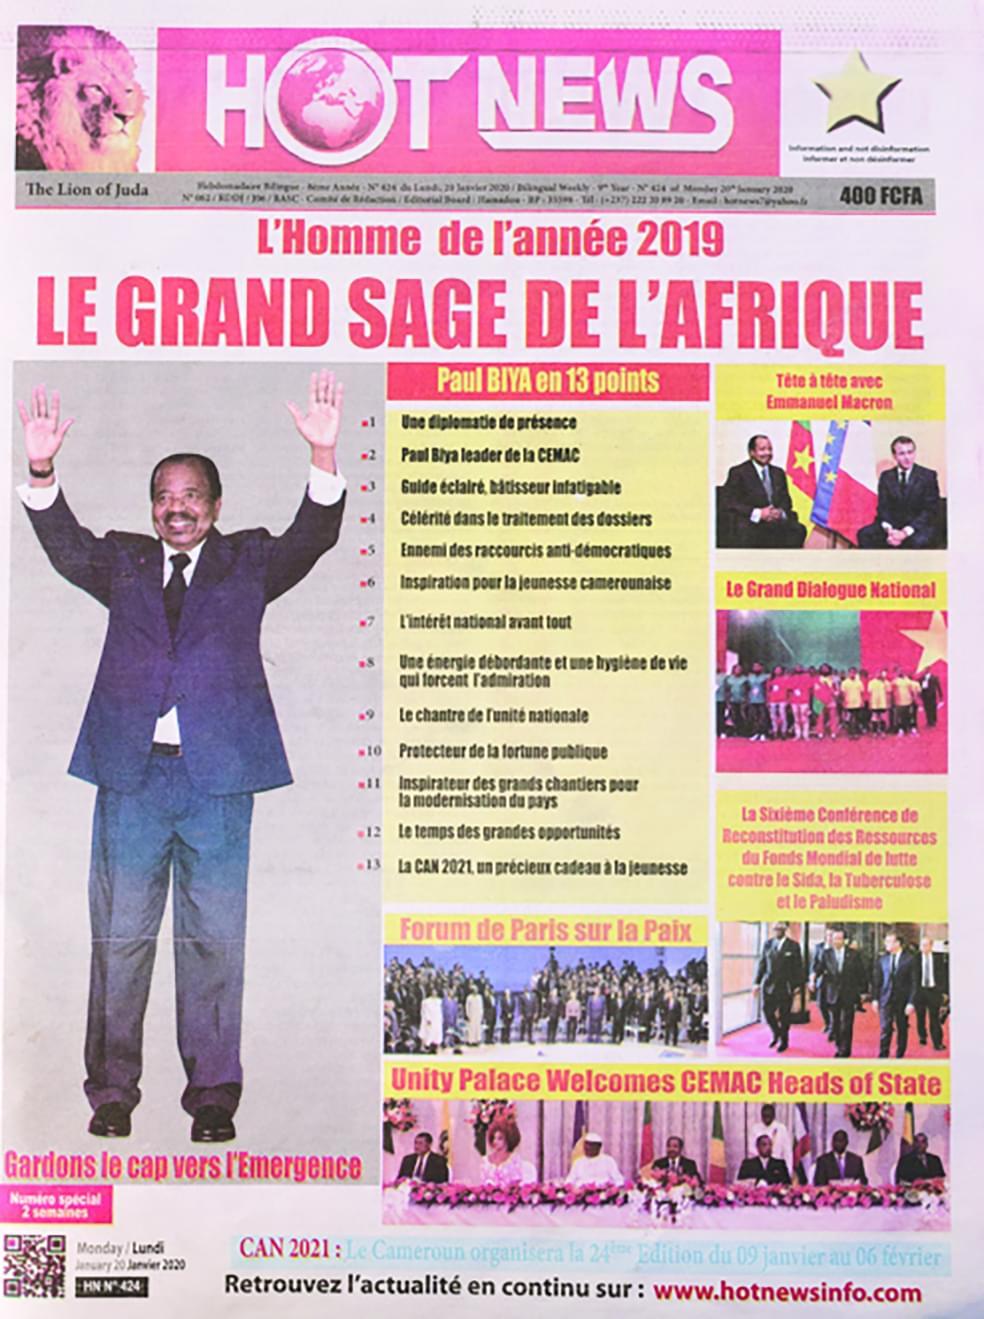 HotNews : Paul Biya désigné homme de l'année 2019